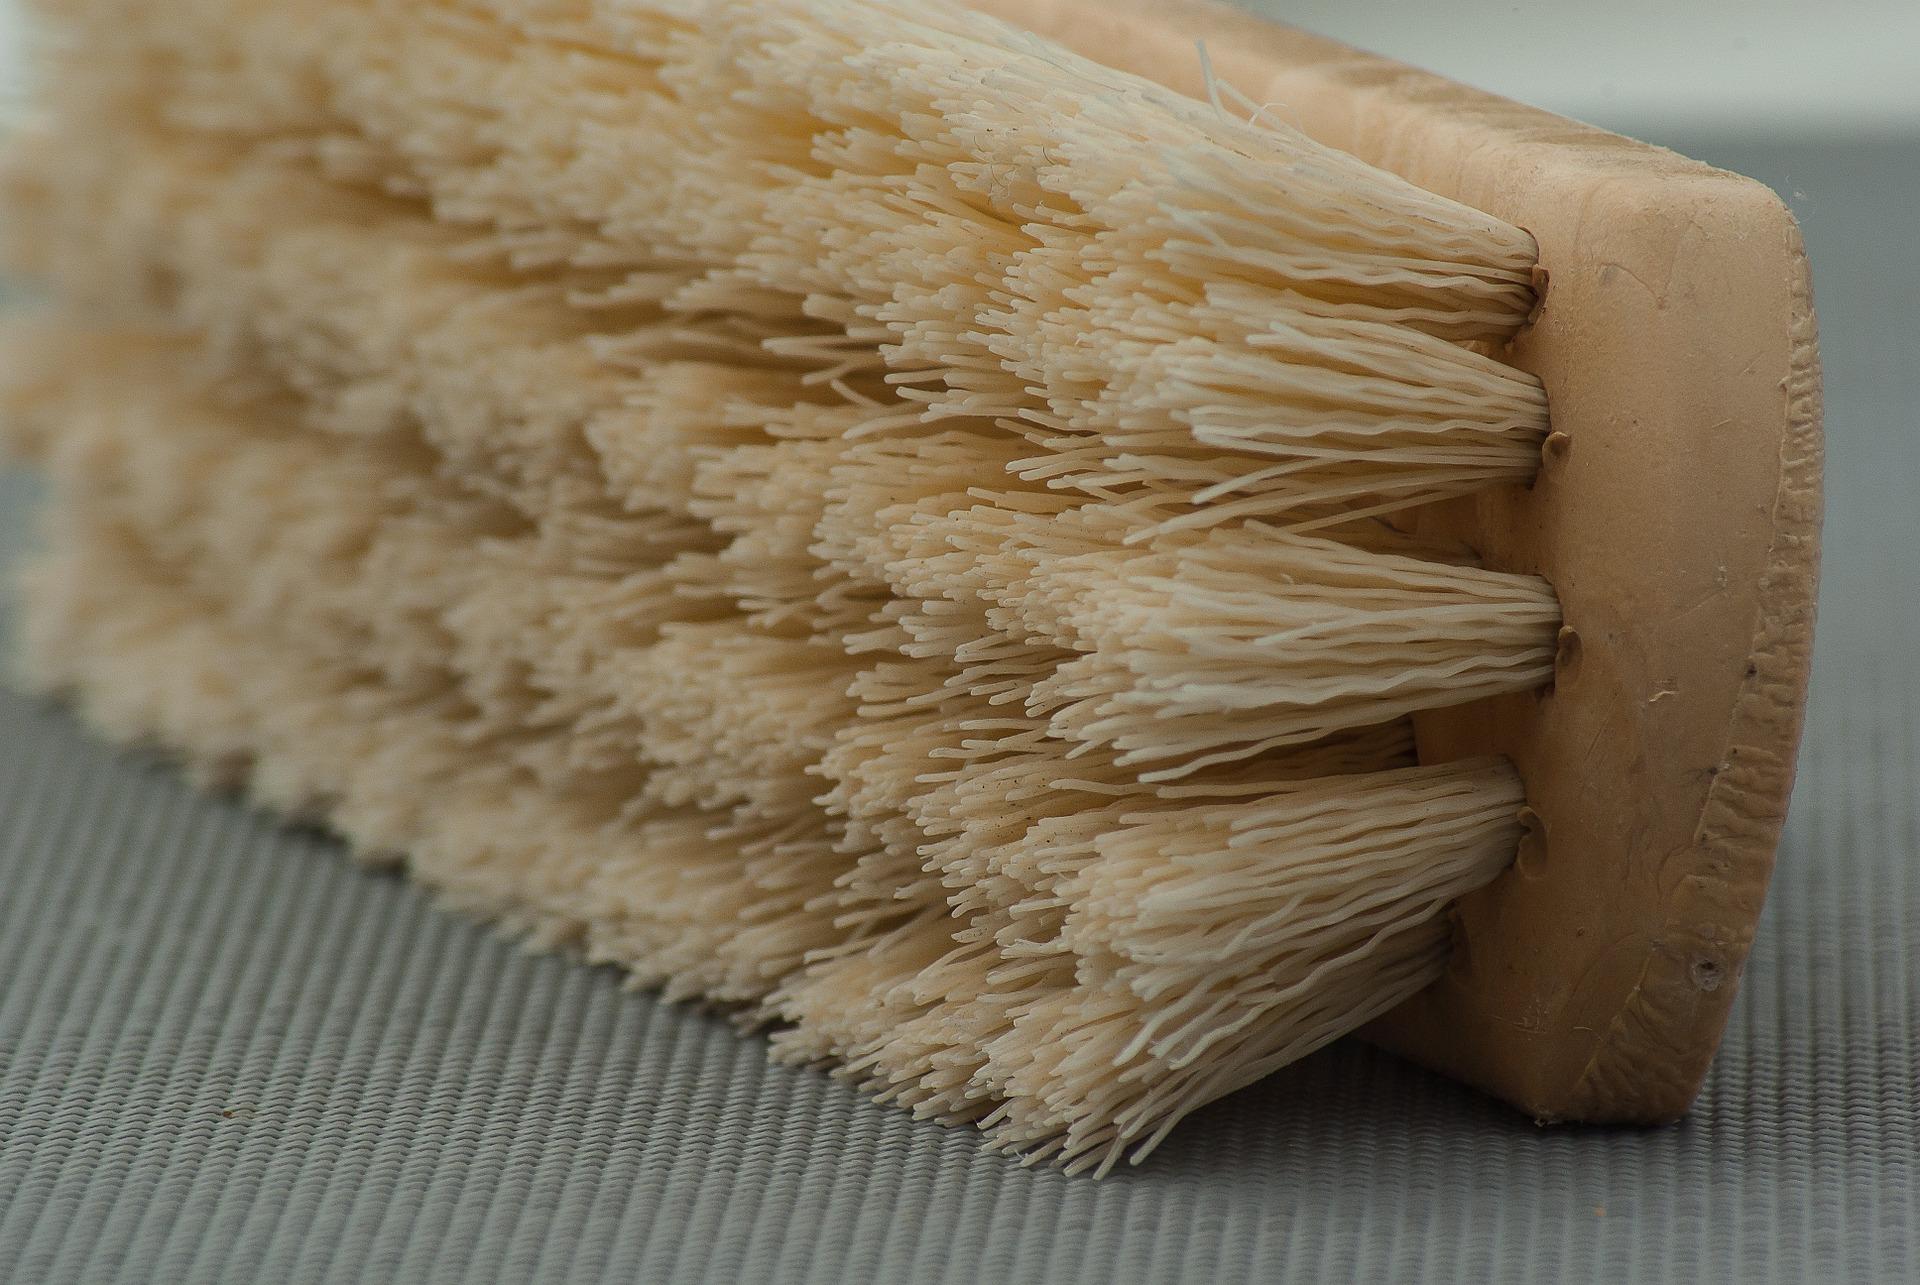 brush 1324467 1920